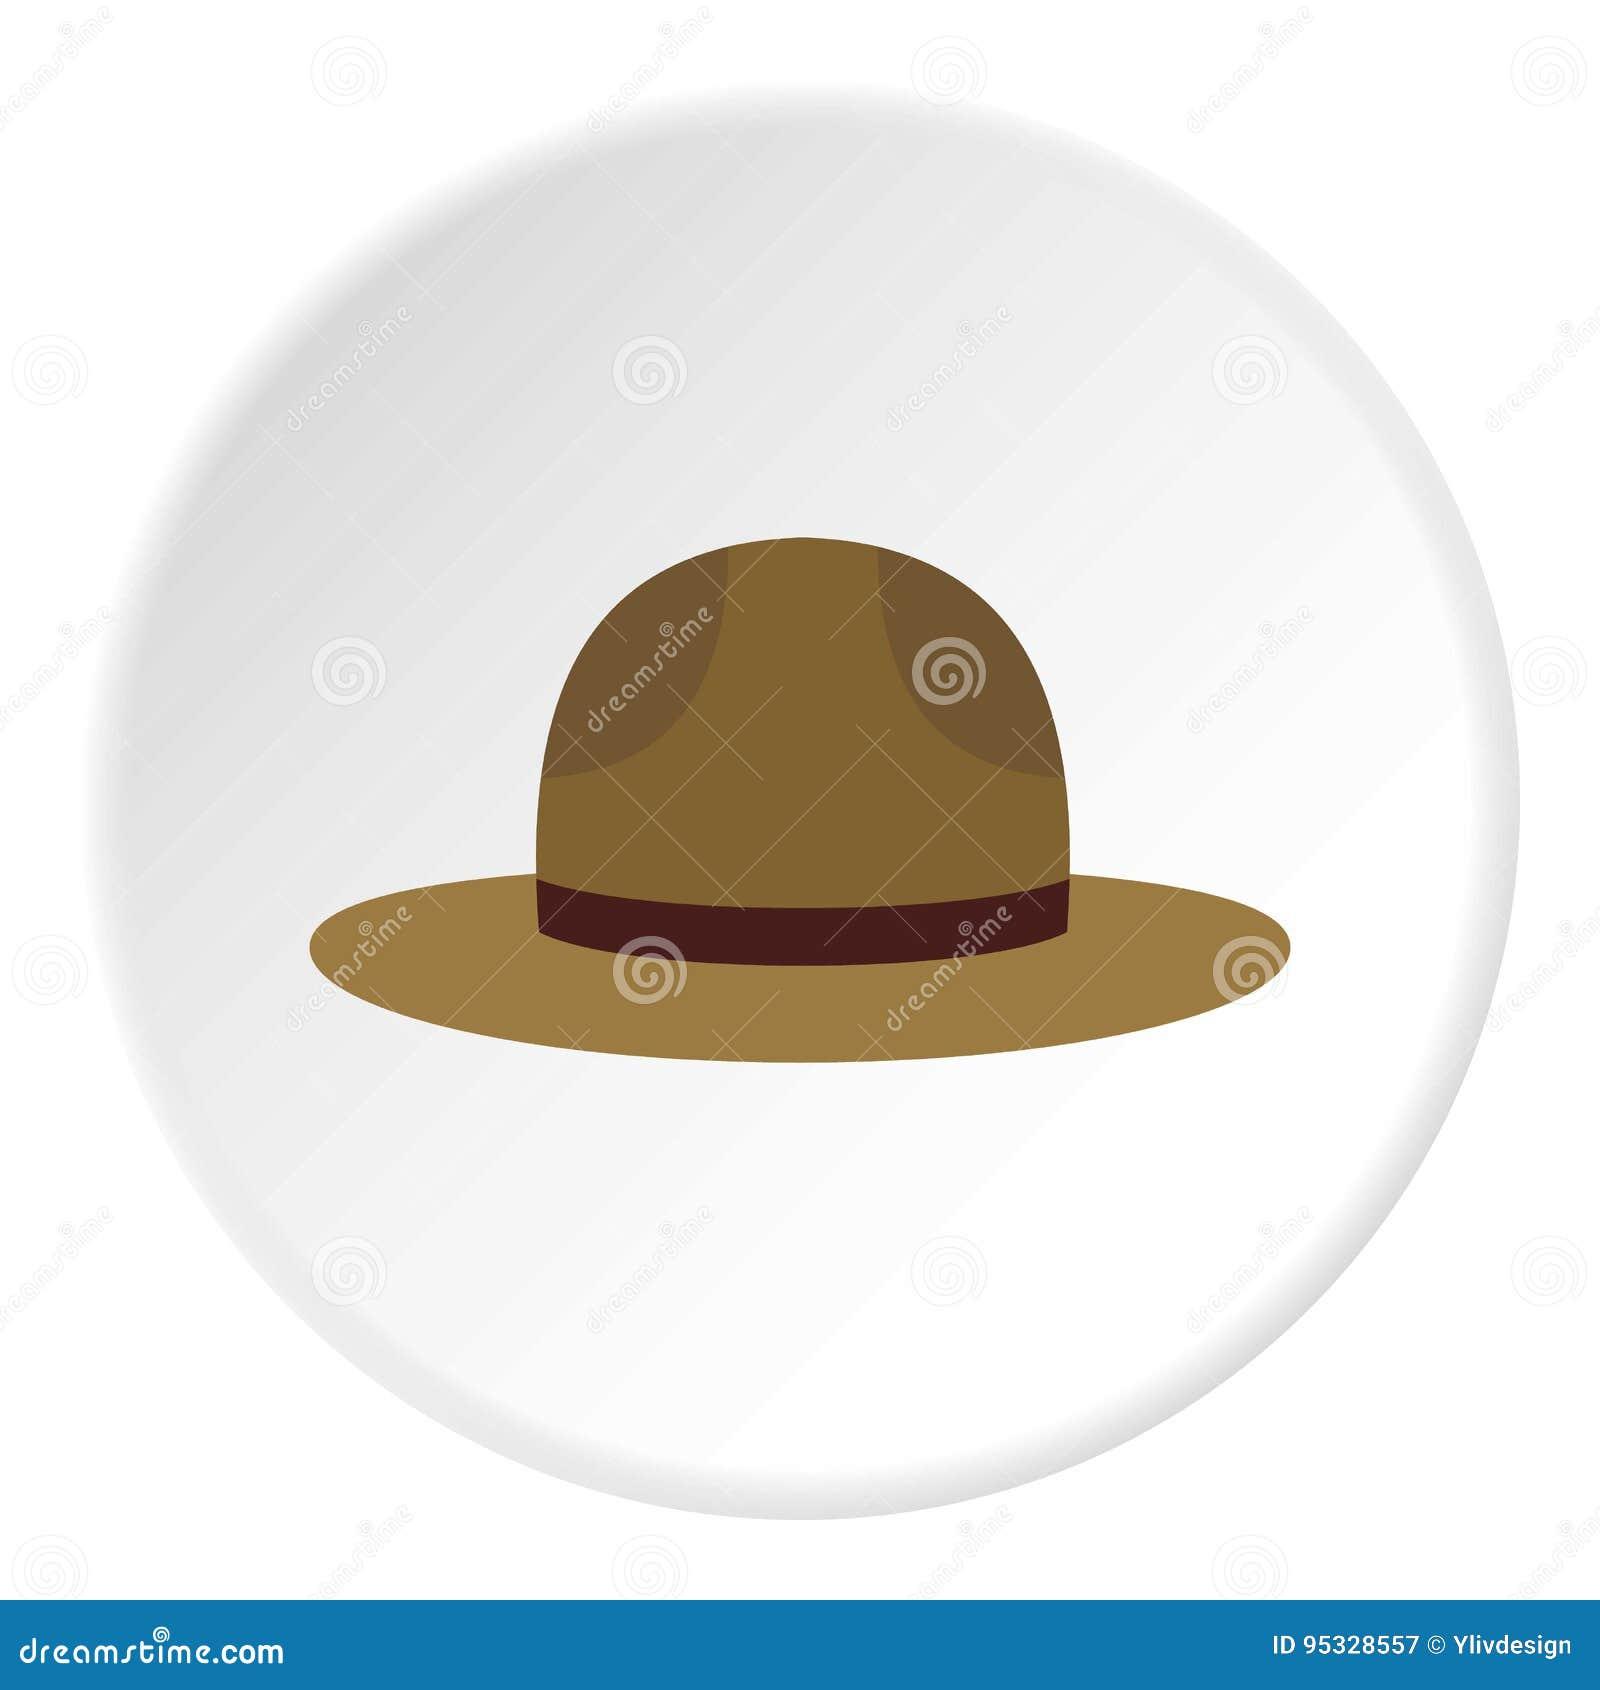 Oficial Del Sombrero Del Icono Ecuestre Canadiense De La Caballería ... 619fa57306e